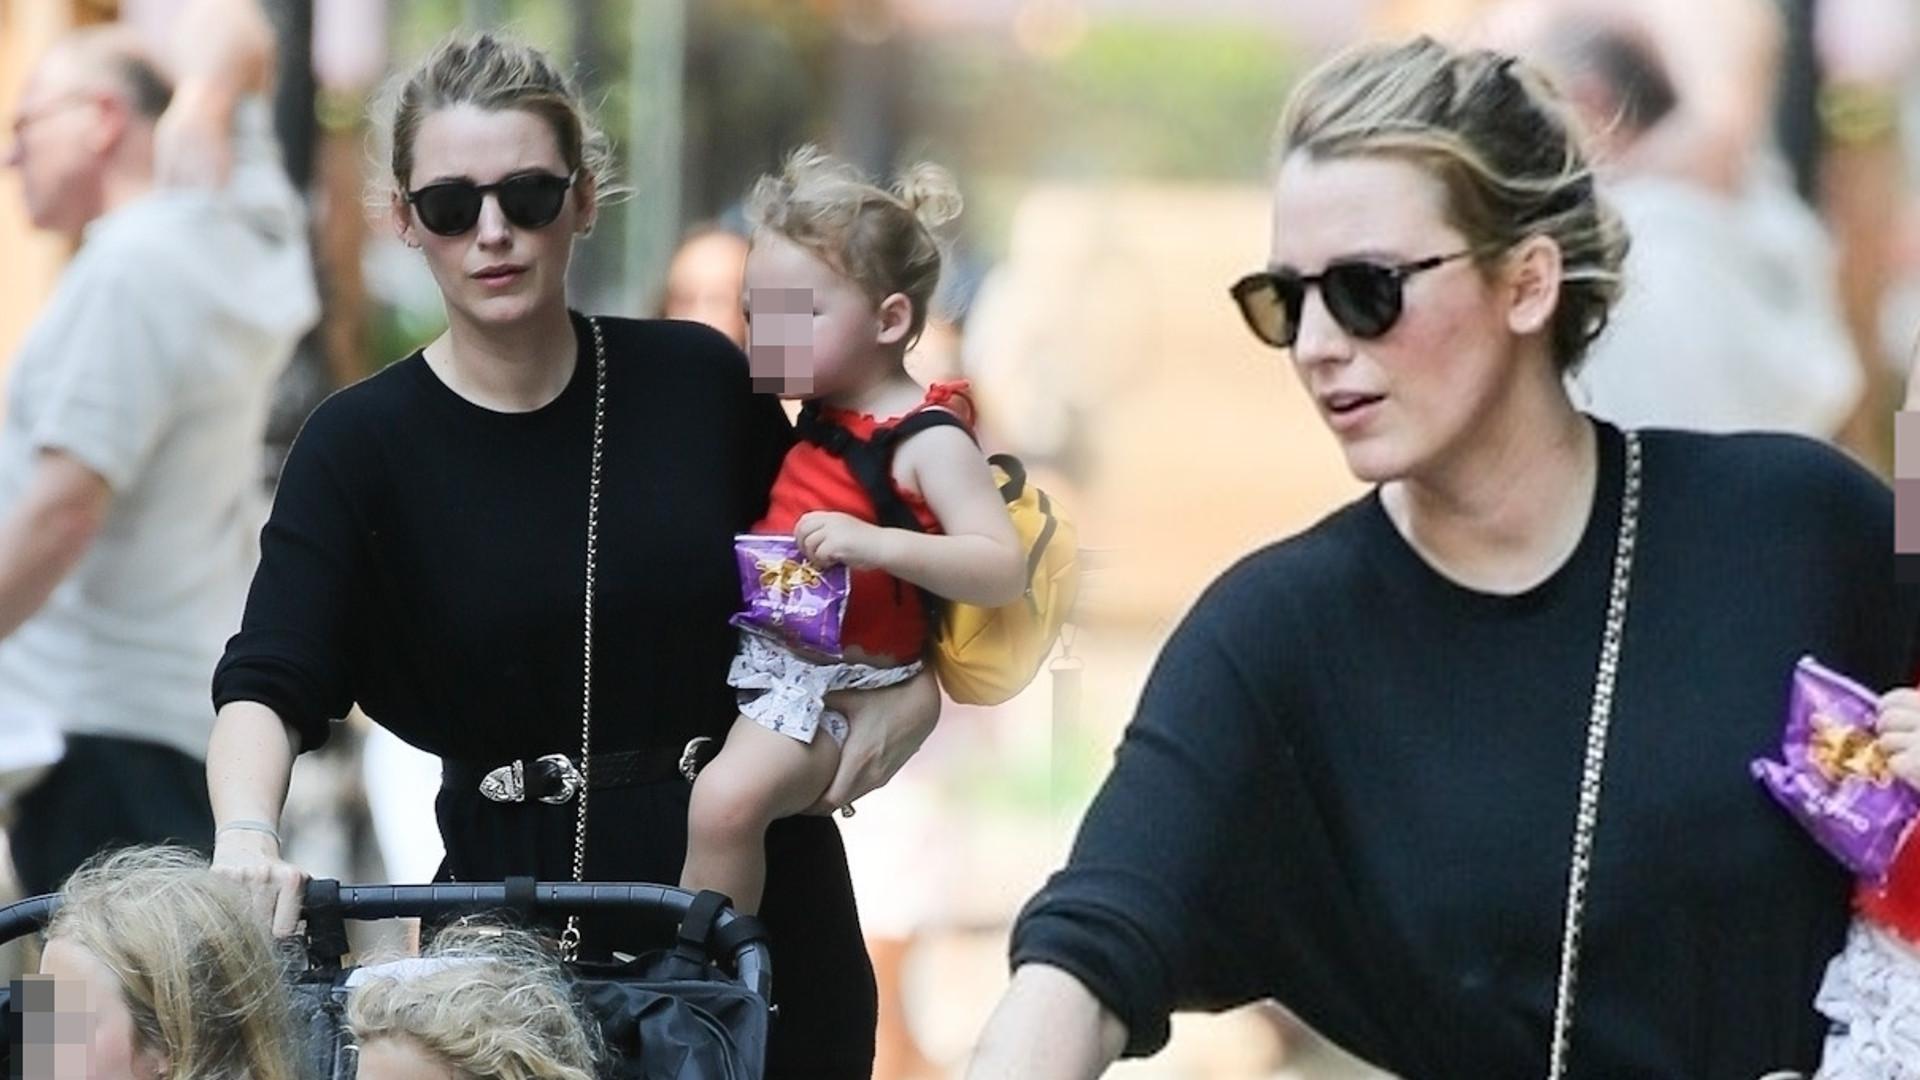 Dawno niewidziana Blake Lively ogarnia TRZY córki na spacerze (ZDJĘCIA)